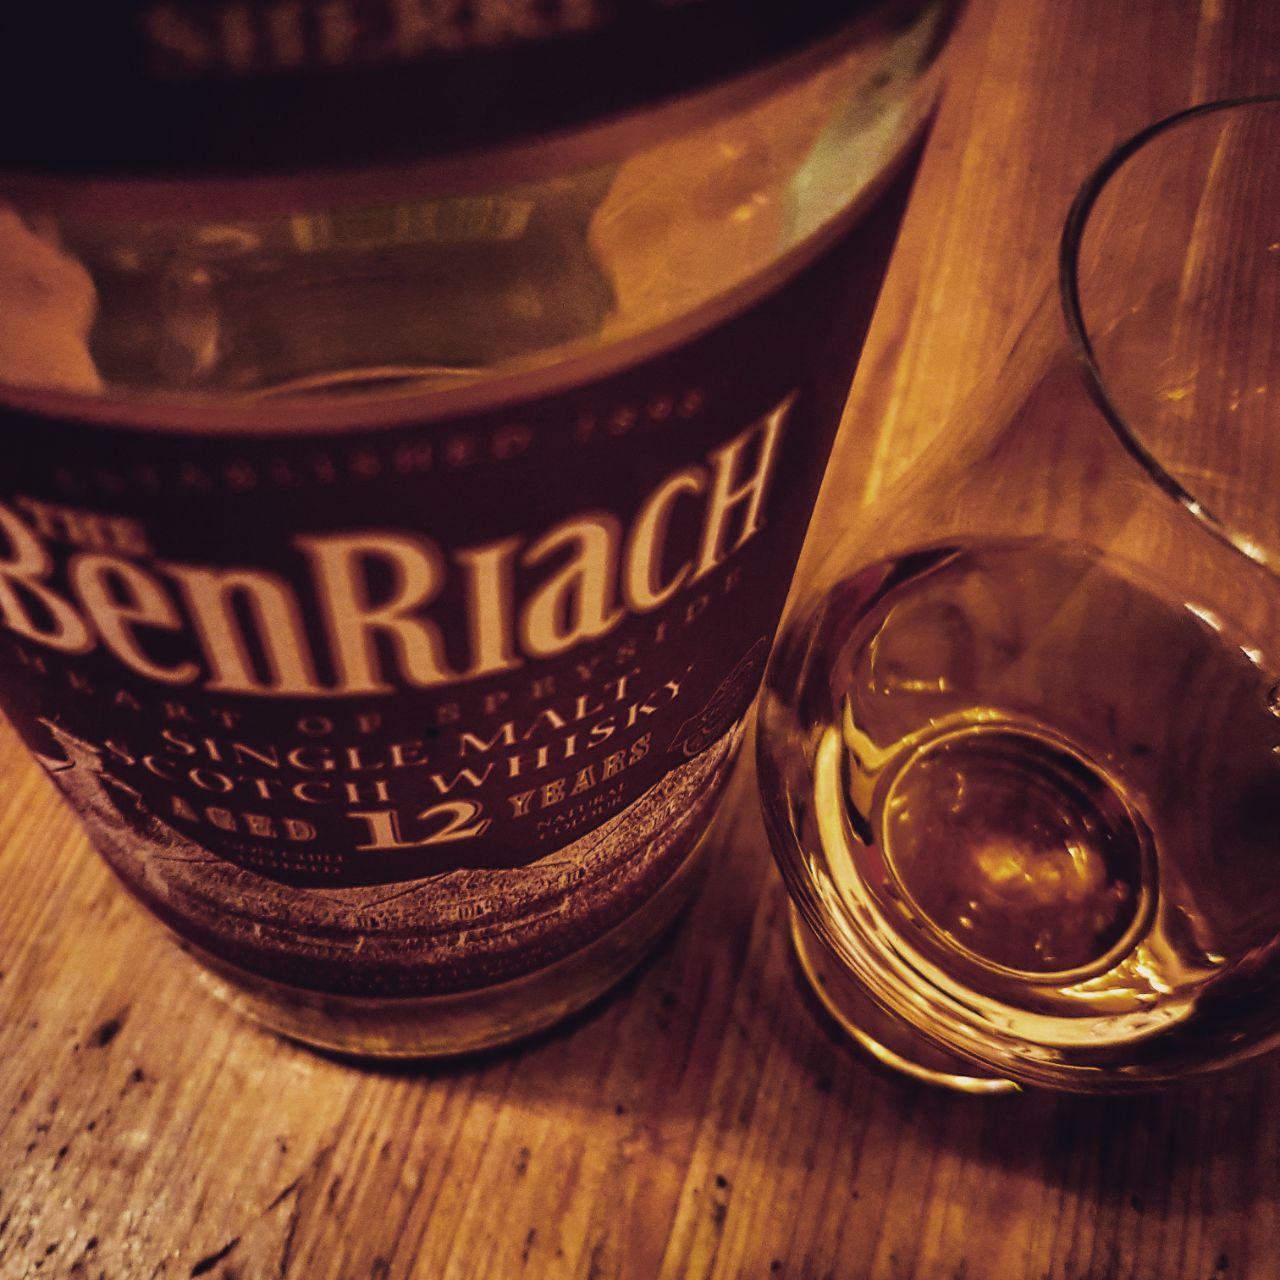 Benriach 12 Jahre Single Malt Scotch Whisky